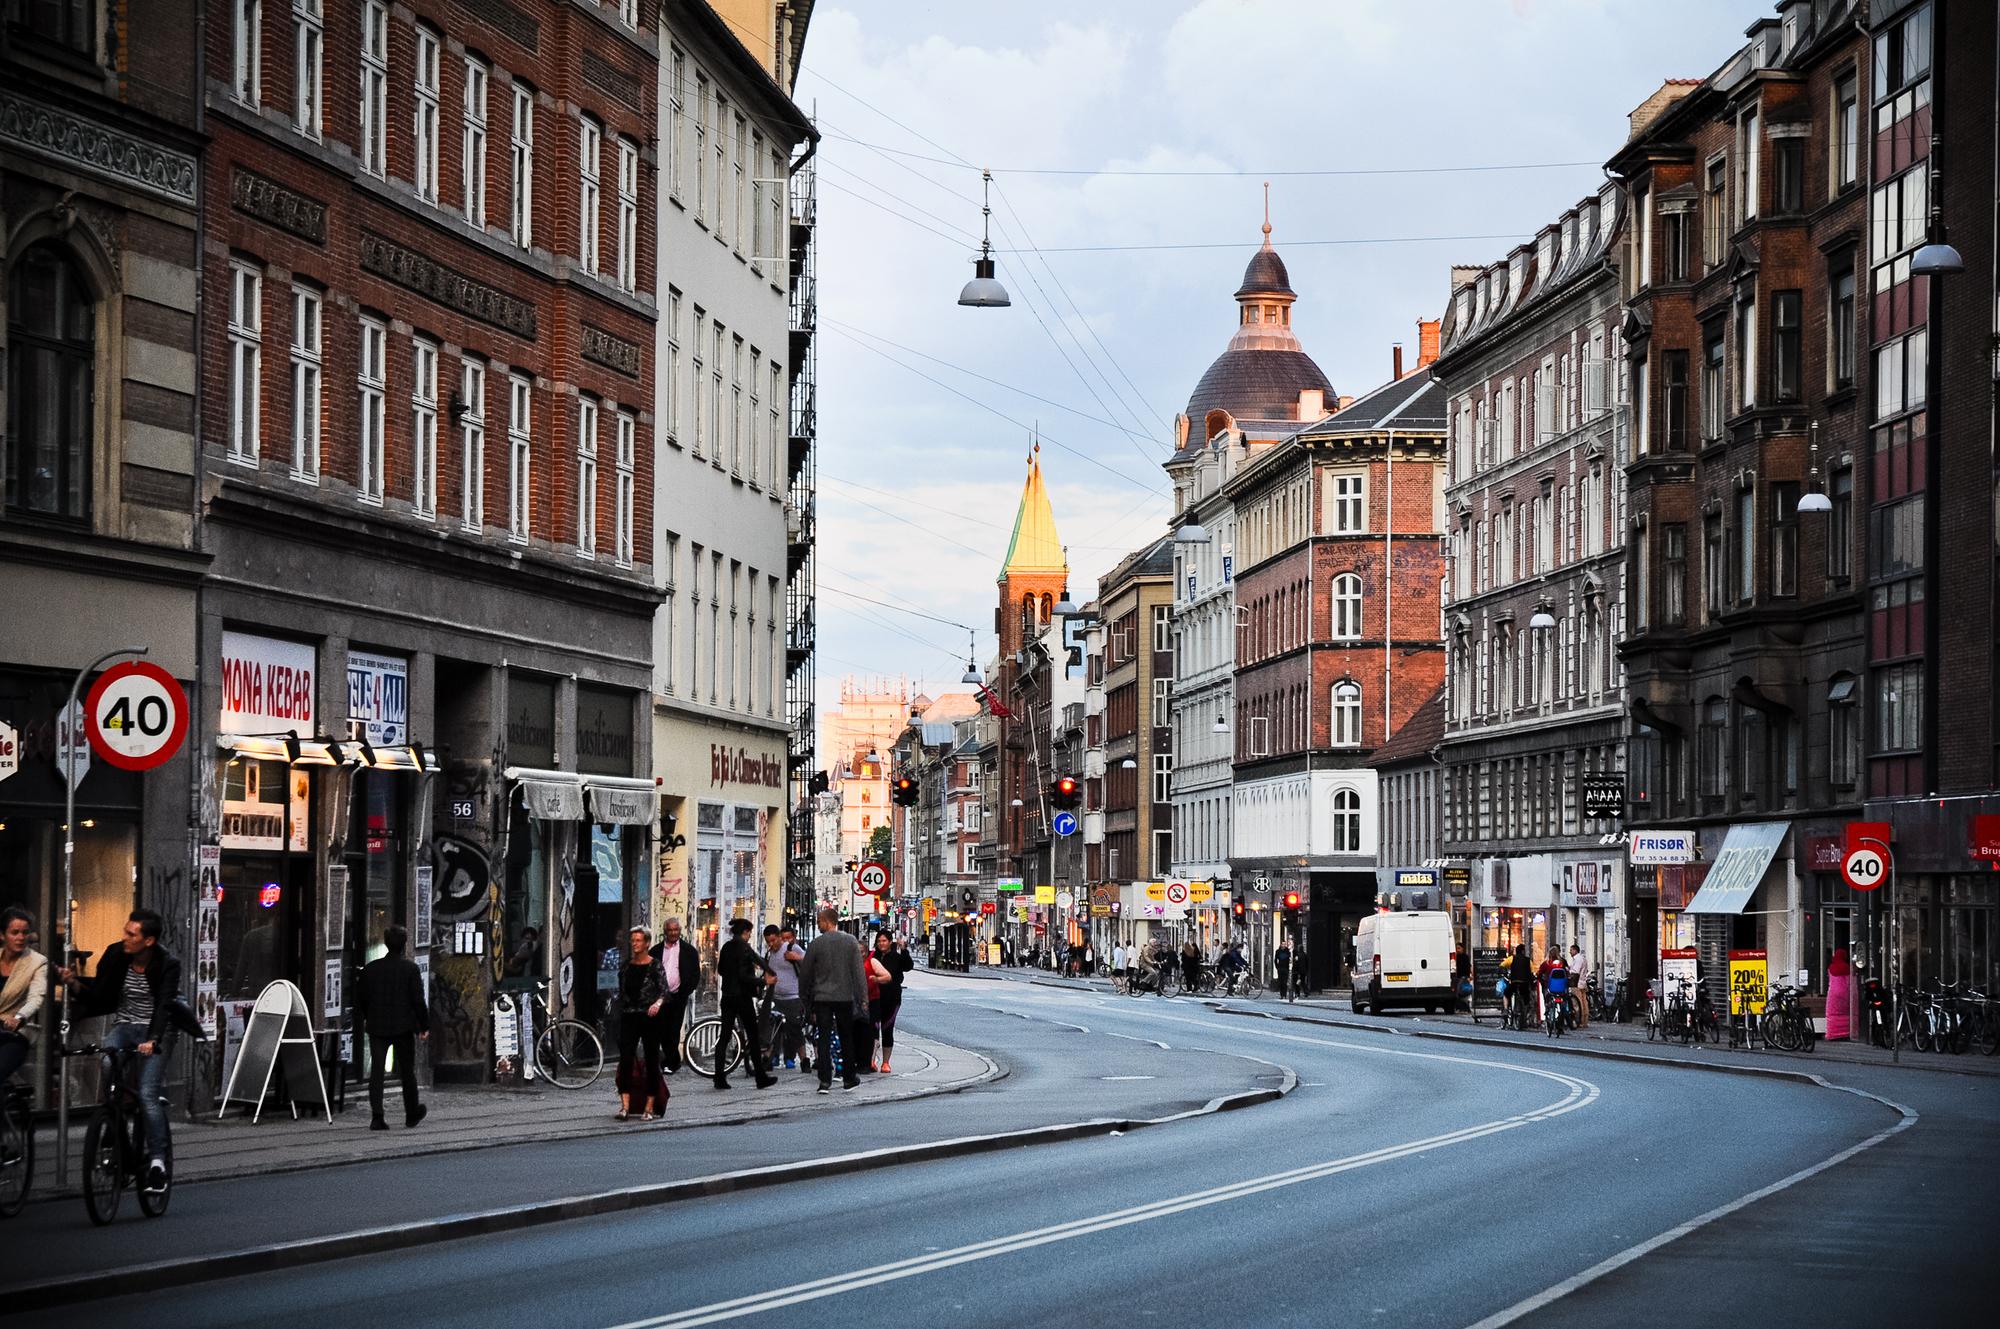 丹麦有多少人口_世界上最幸福的国家 法媒推荐丹麦十大旅游景点